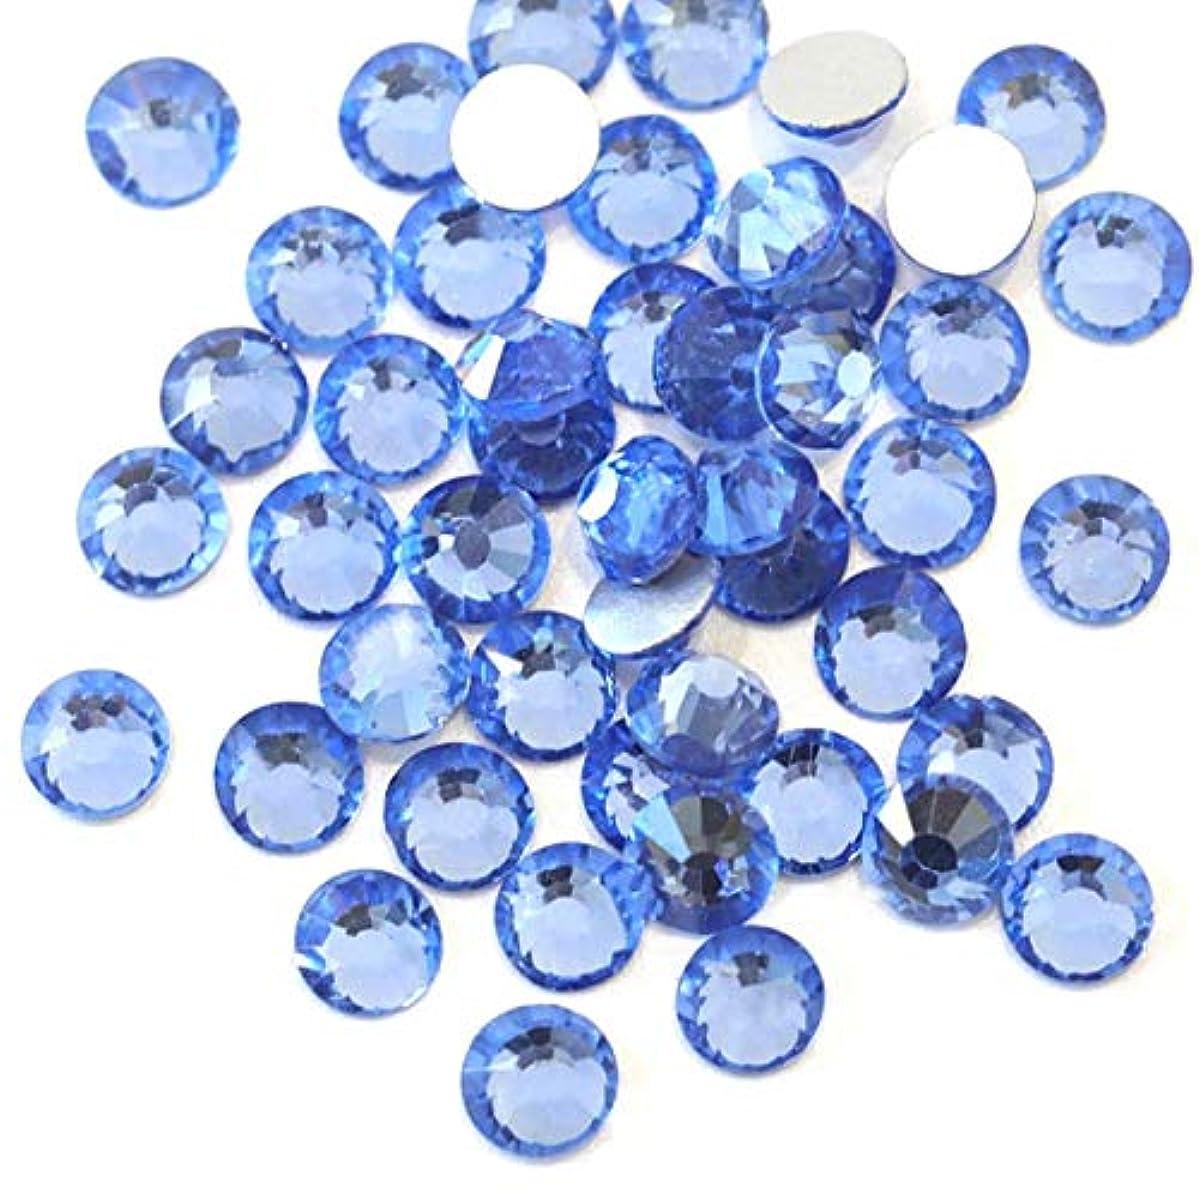 レジデンス暴行私達【ラインストーン77】 超高級 ガラス製ラインストーン SS4~SS30 サファイア スワロフスキー同等 (4.0mm (SS16) 約150粒)